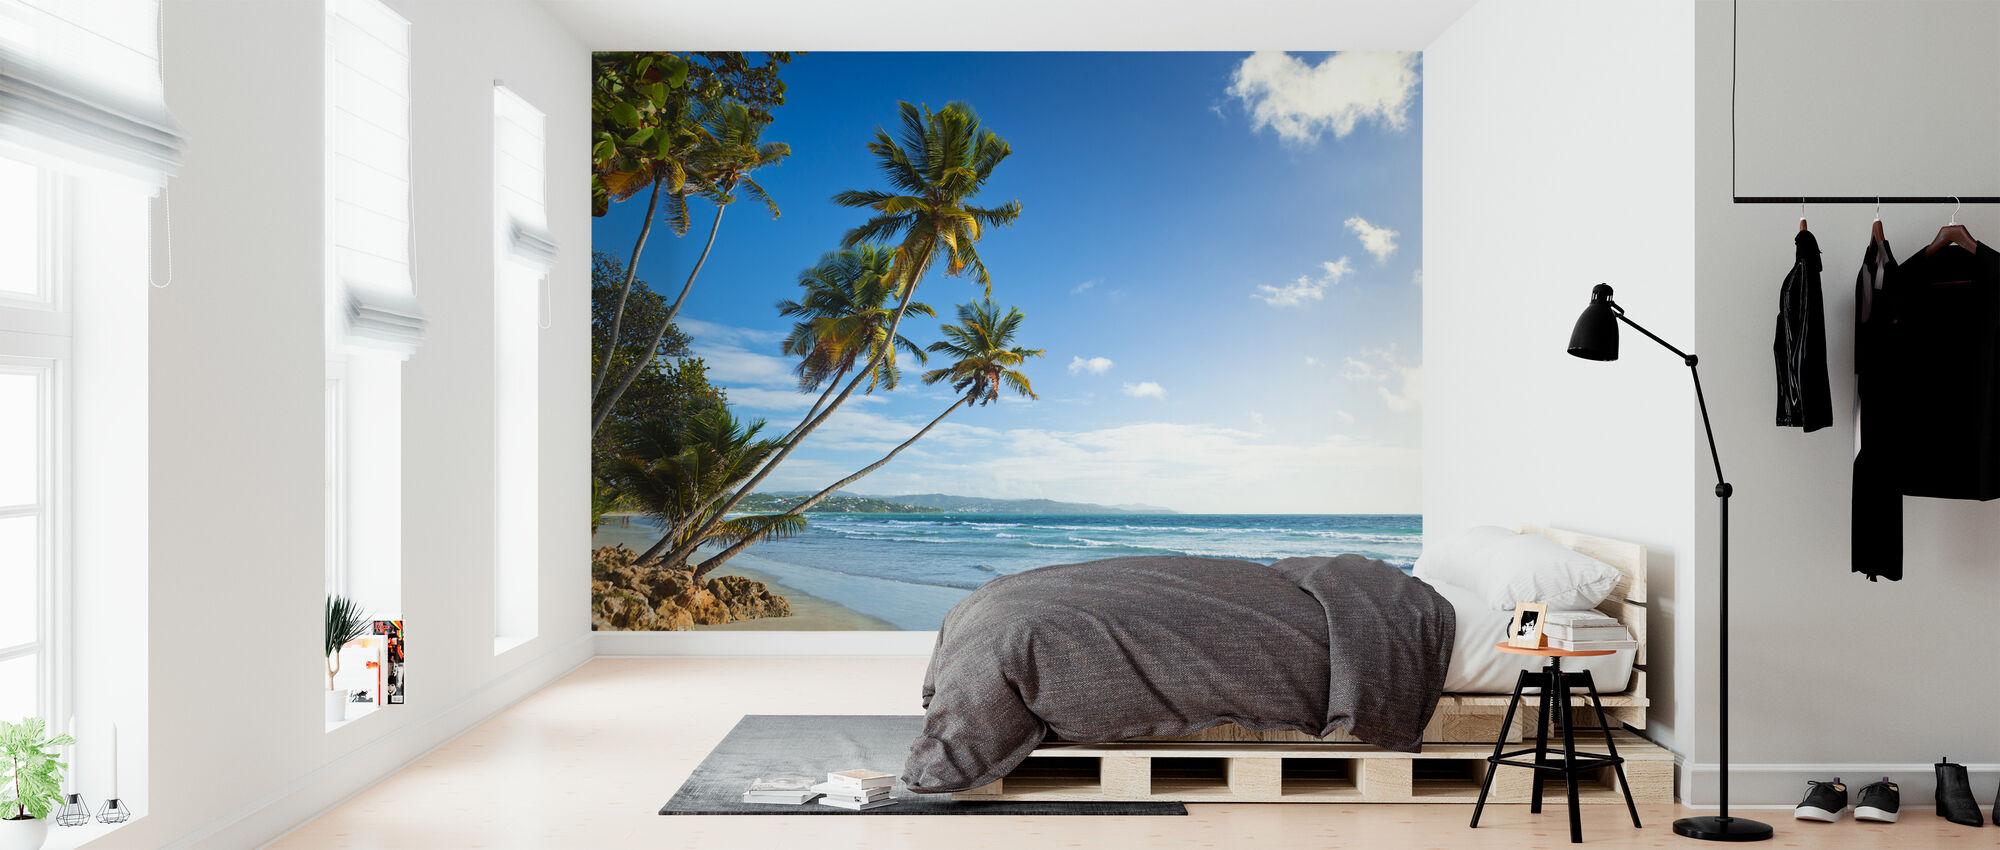 Palmen en strand, Trinidad en Tobago - Behang - Slaapkamer